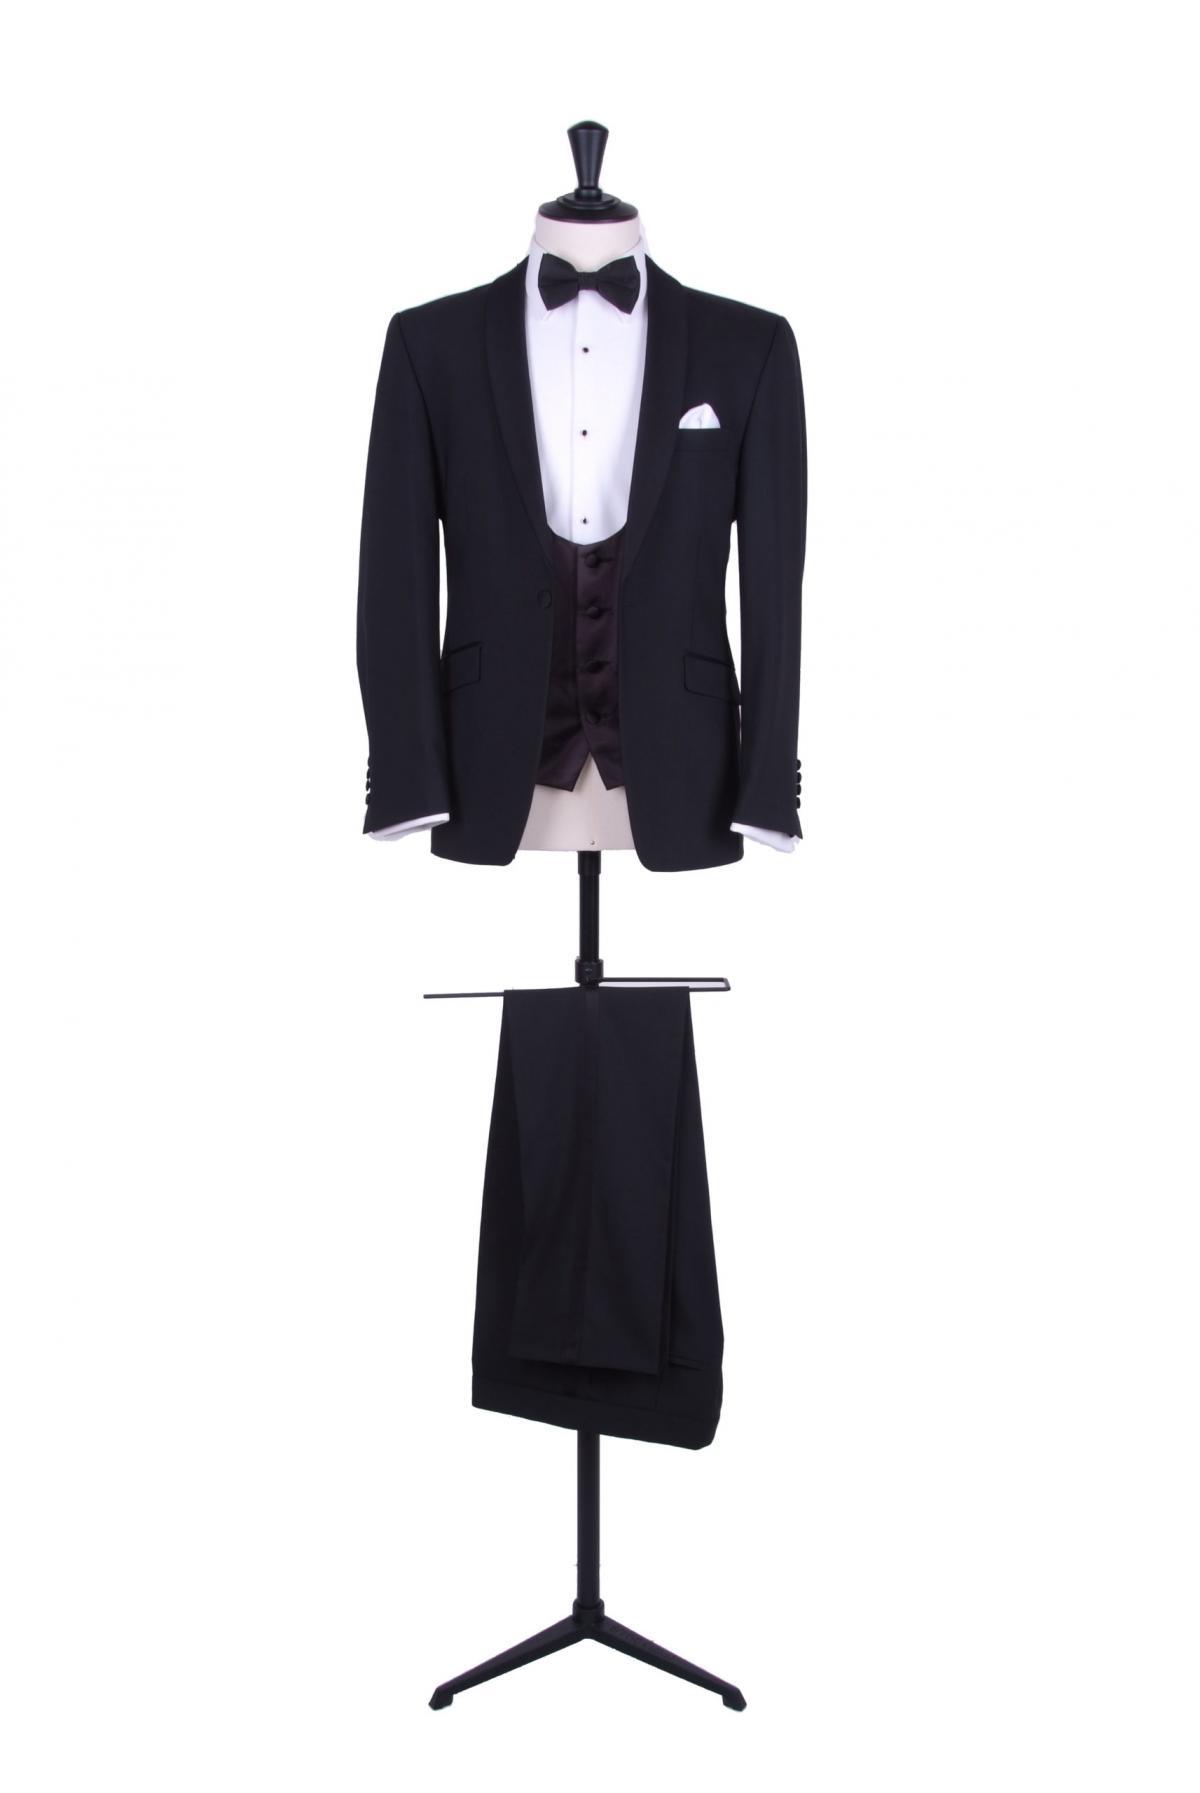 Grooms tuxedo dinner suit for wedding.